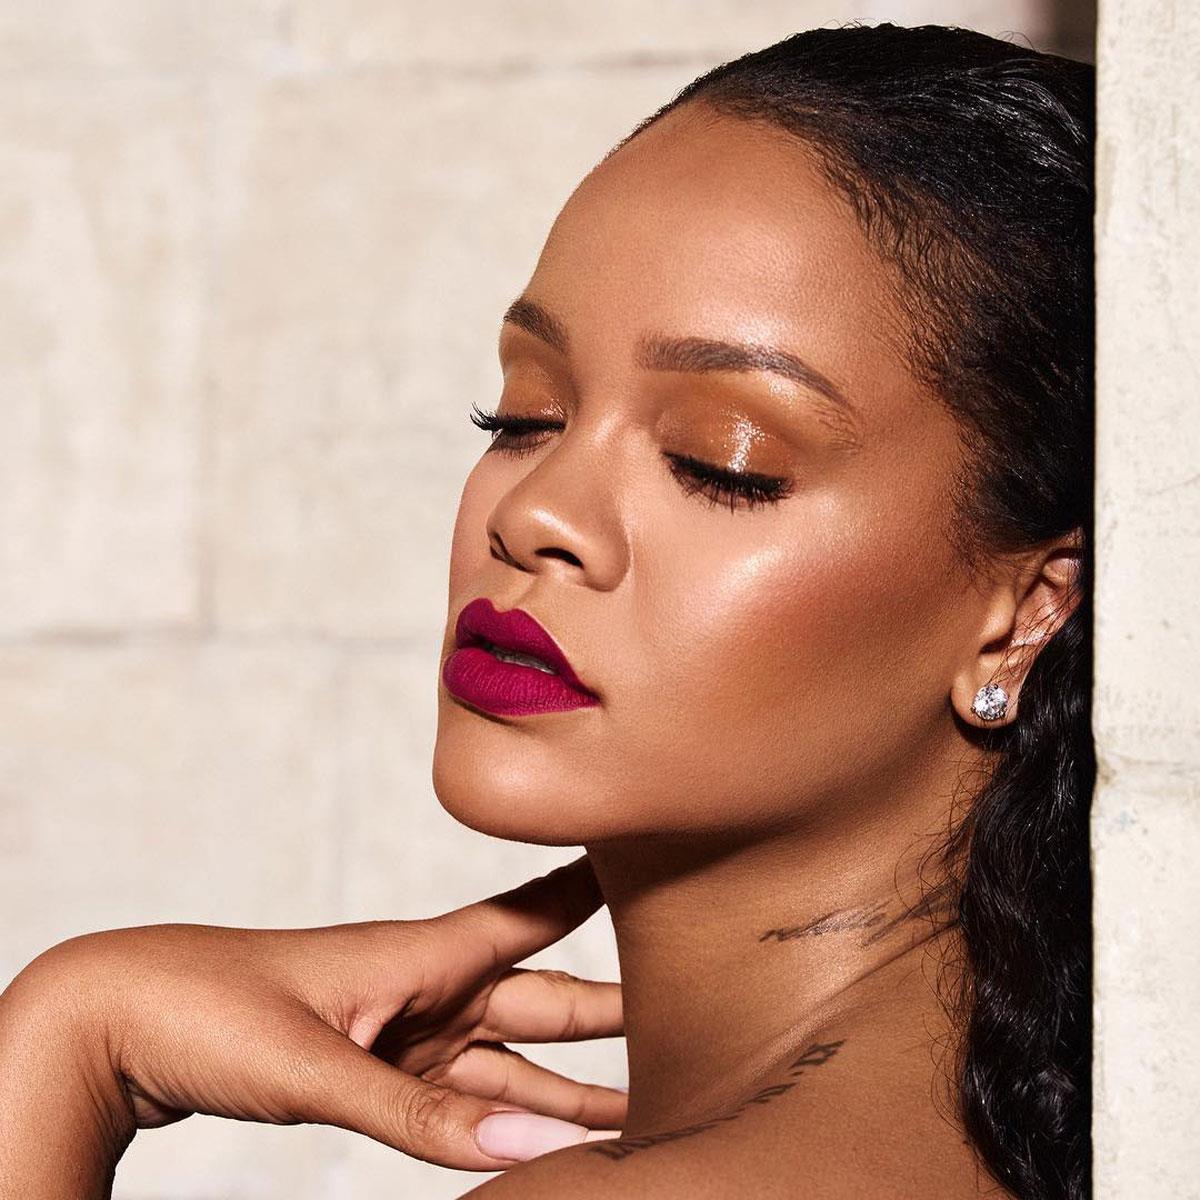 d65544720 Estos son los productos de maquillaje de Rihanna, Fenty Beauty, mejor  valorados (y deseados) por los usuarios.